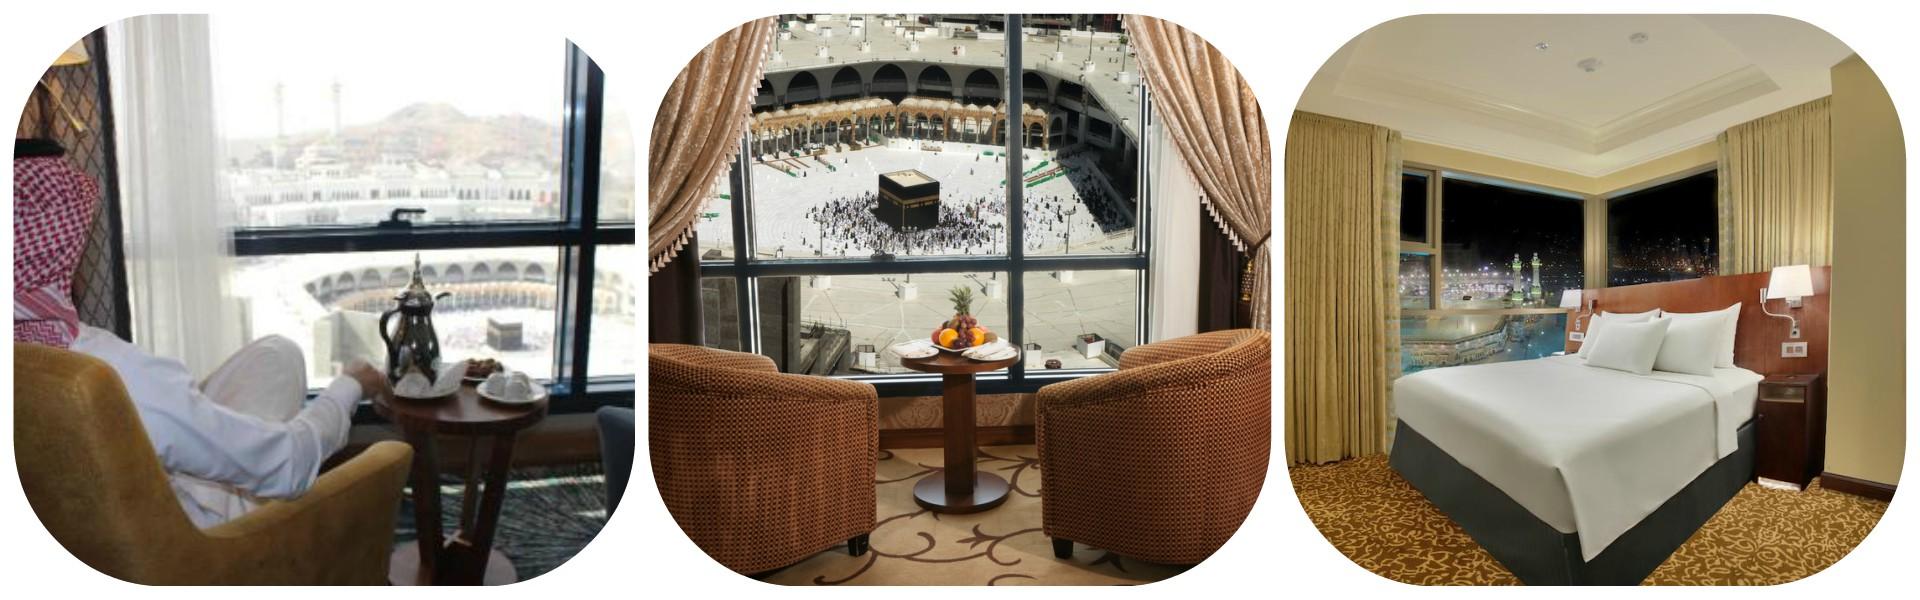 booking makkah hotels ramadan month last ten days 2020